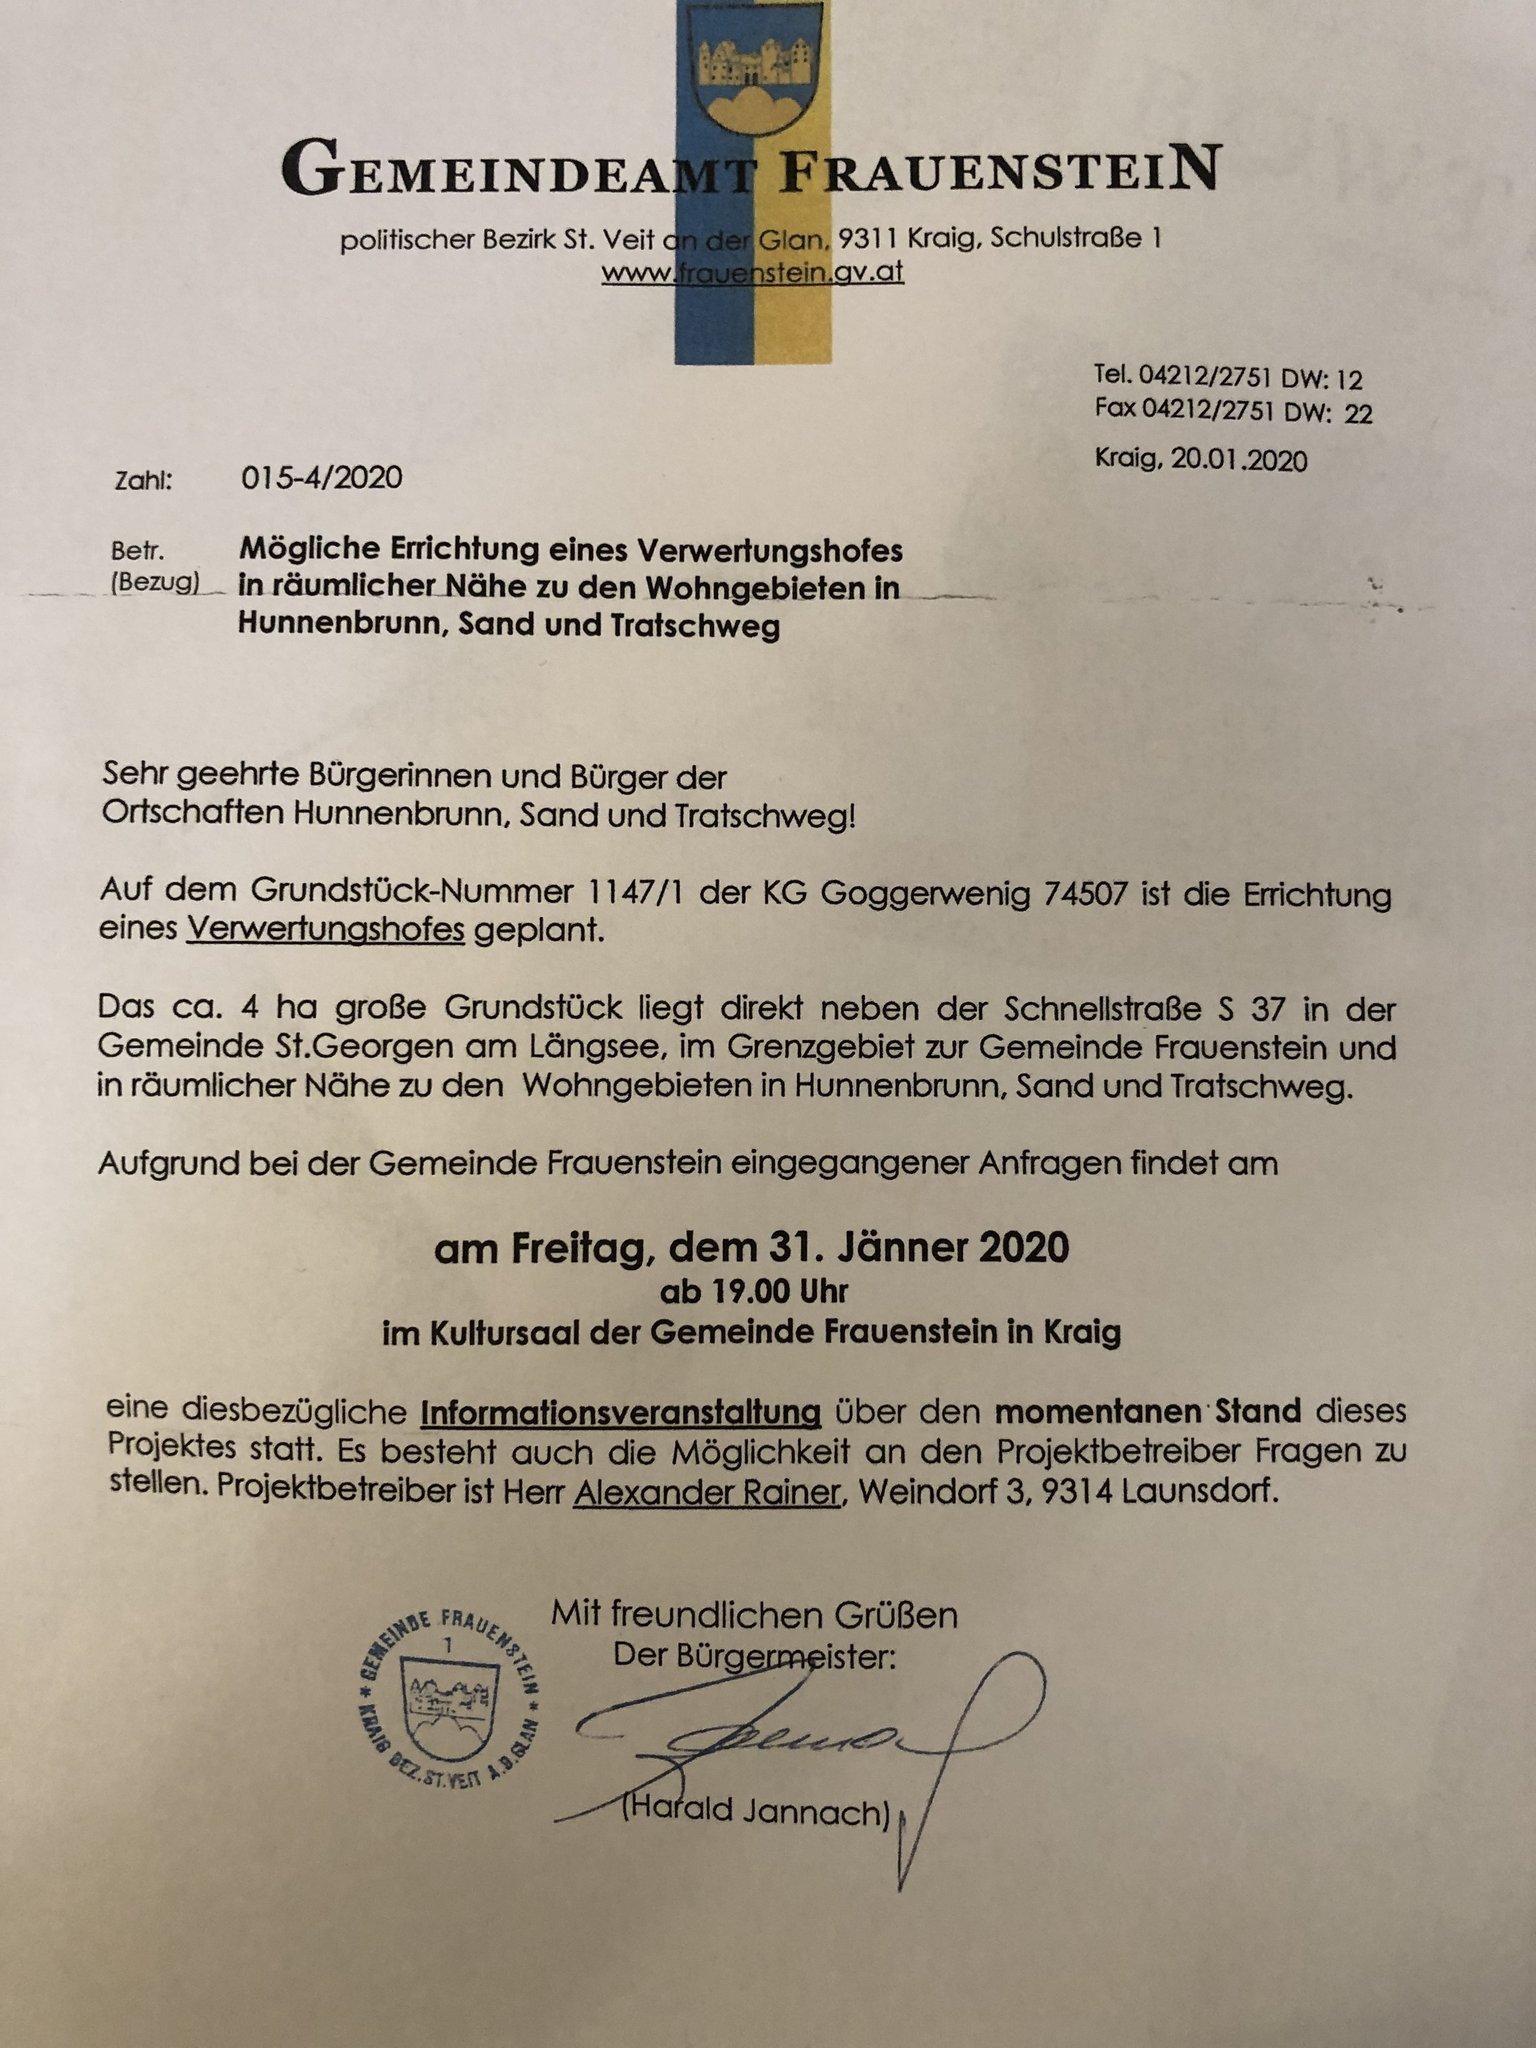 Amtshelfer - Brgerservice - Gemeinde Frauenstein